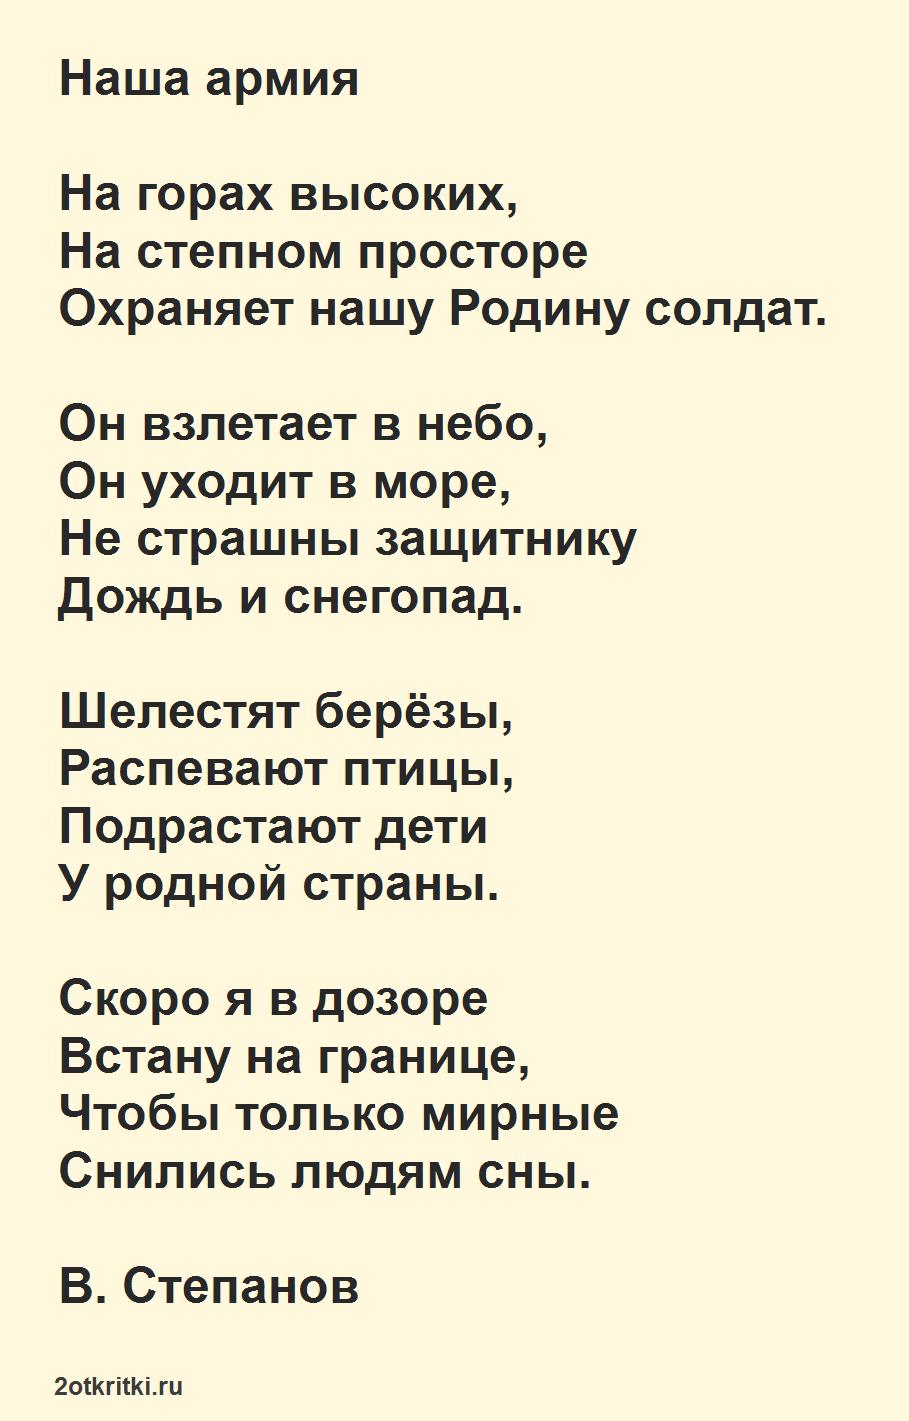 Стихи для детей 6 лет на 23 февраля, для утренника в детском саду